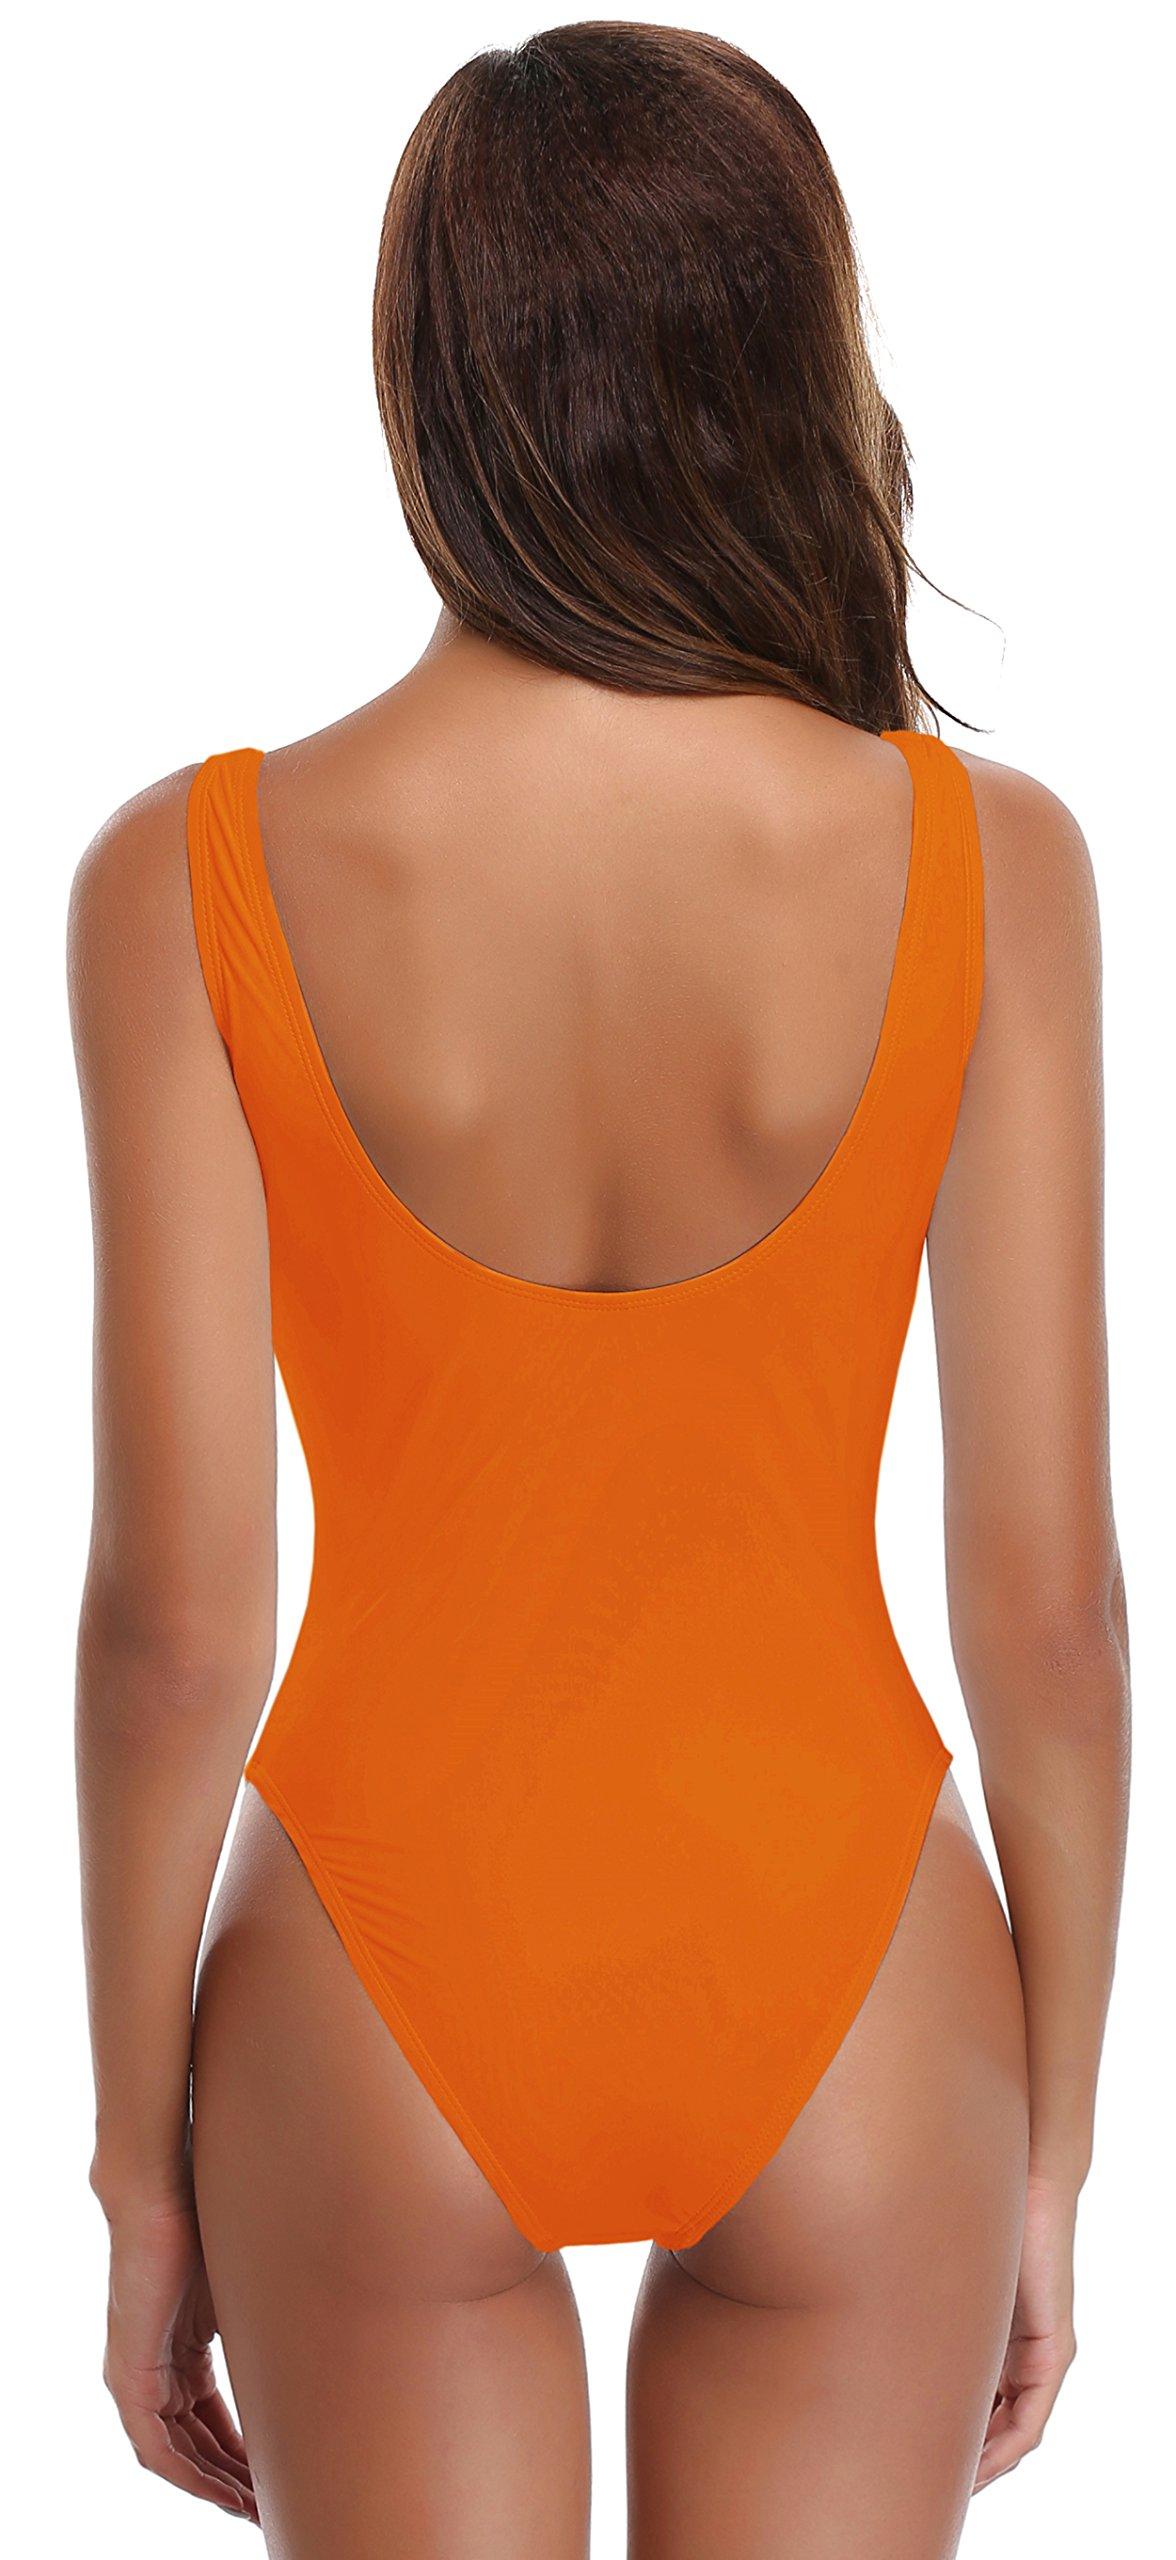 d1ab37d28920 SHEKINI Sexy Donna Costumi Interi Brasiliano Push up Monokini Costume da  Bagno Intero Un Pezzo con Incrocio Backless Bikini Cinghie Swimwear Mare e  Piscina ...